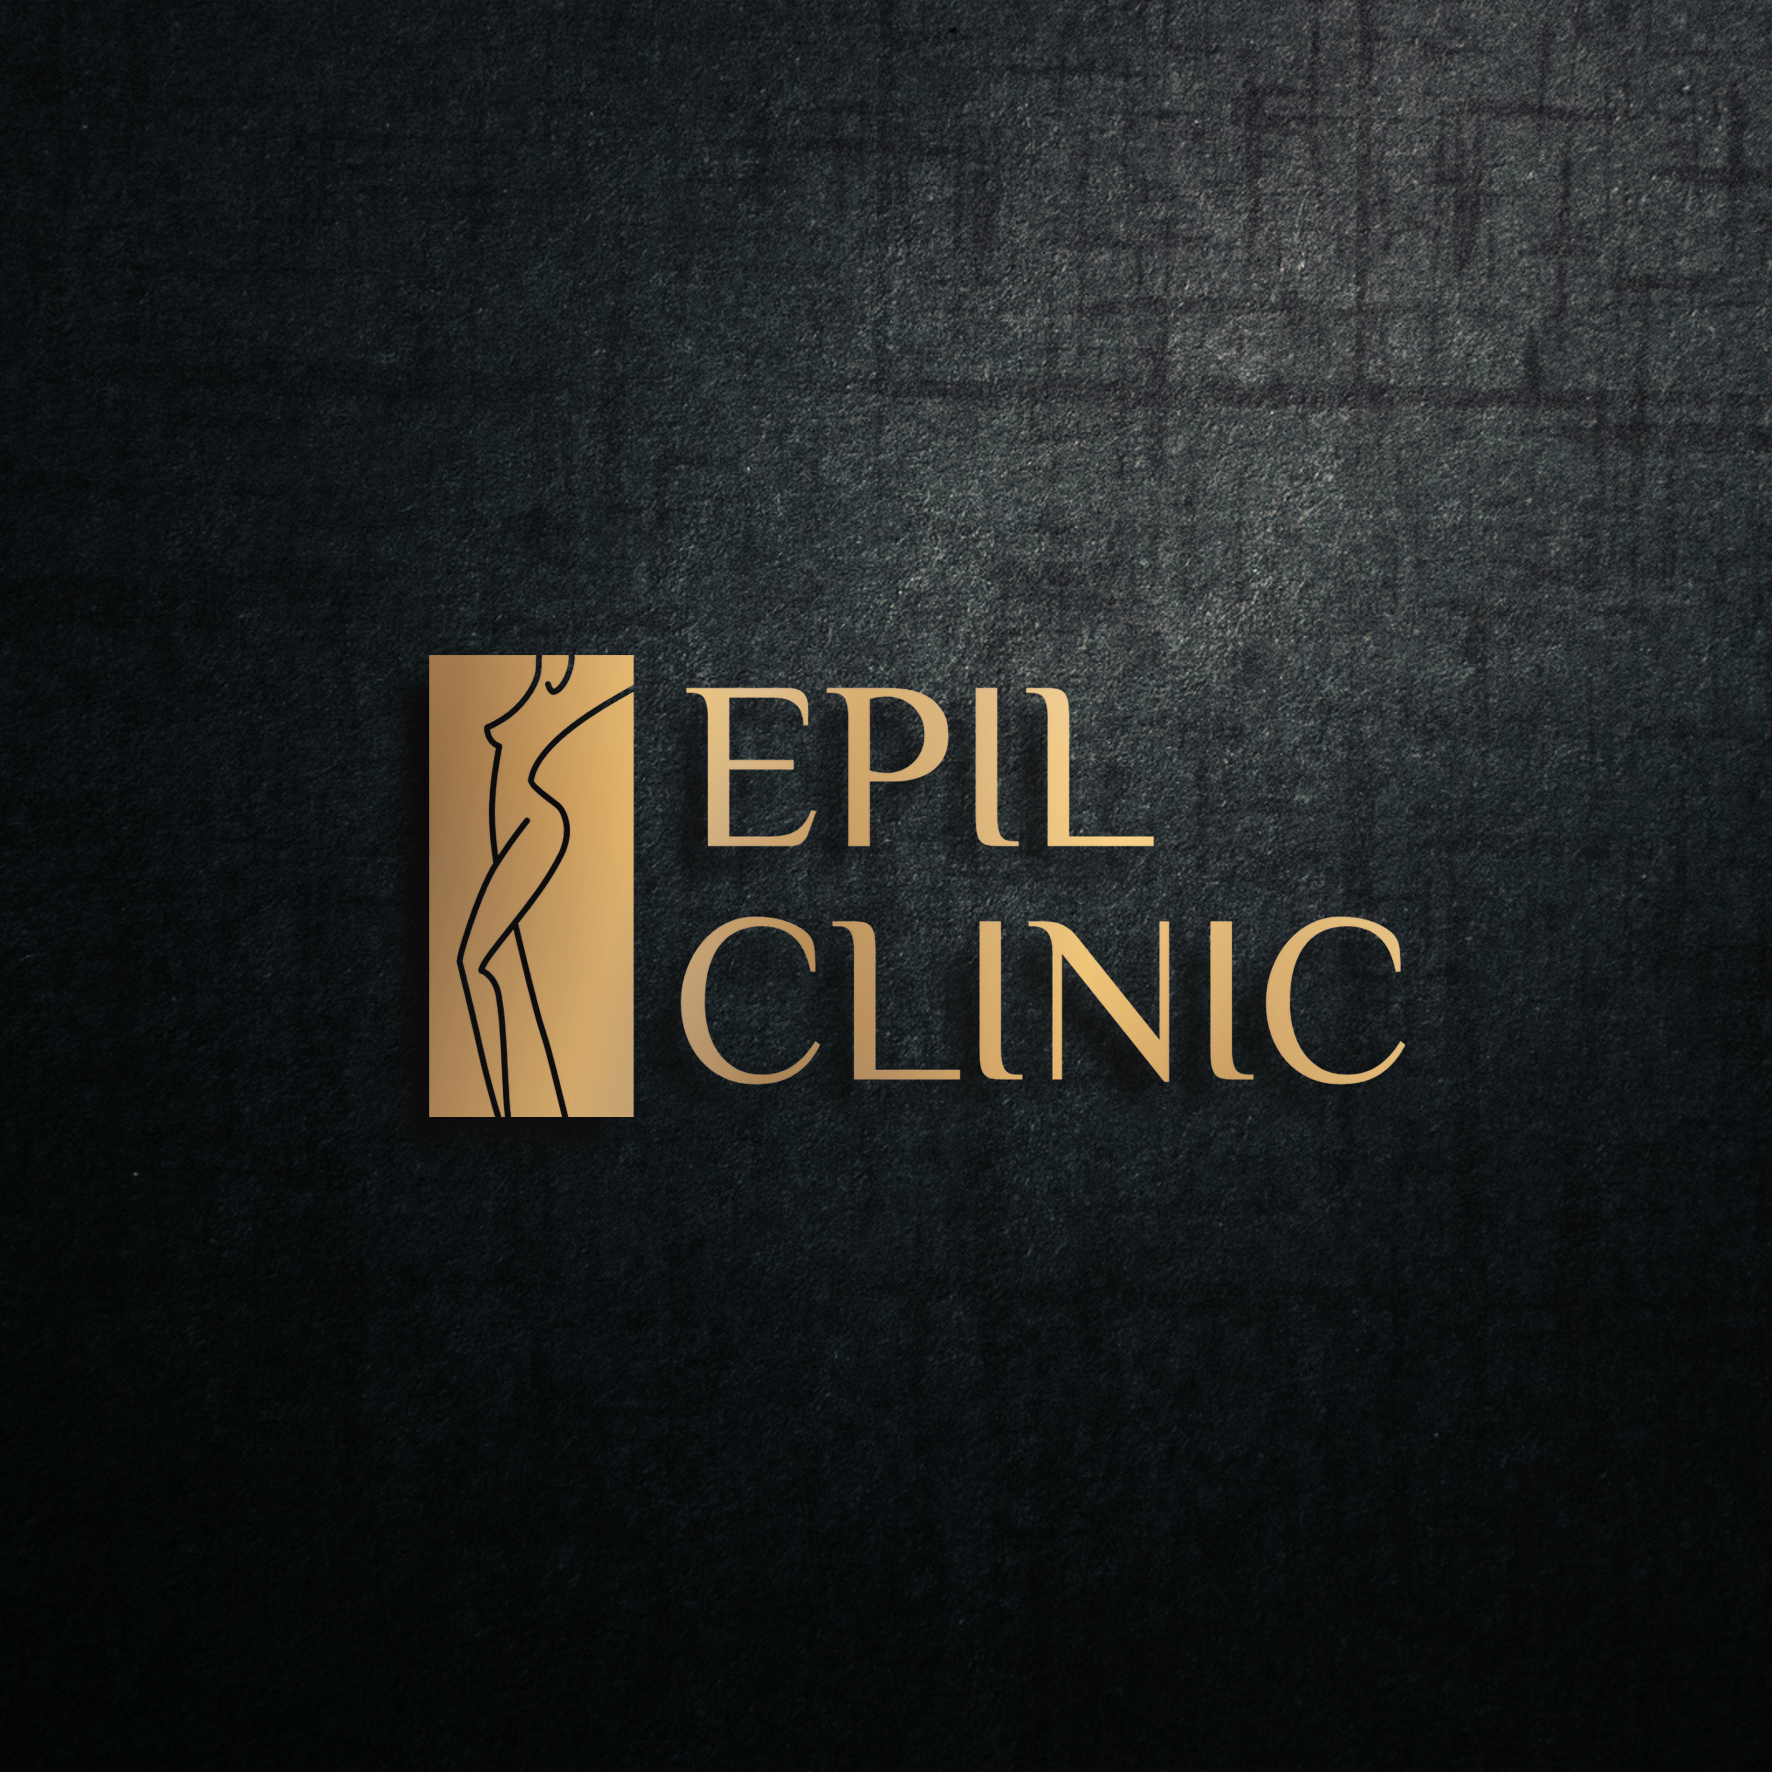 Логотип , фирменный стиль  фото f_9865e1edb156343e.jpg